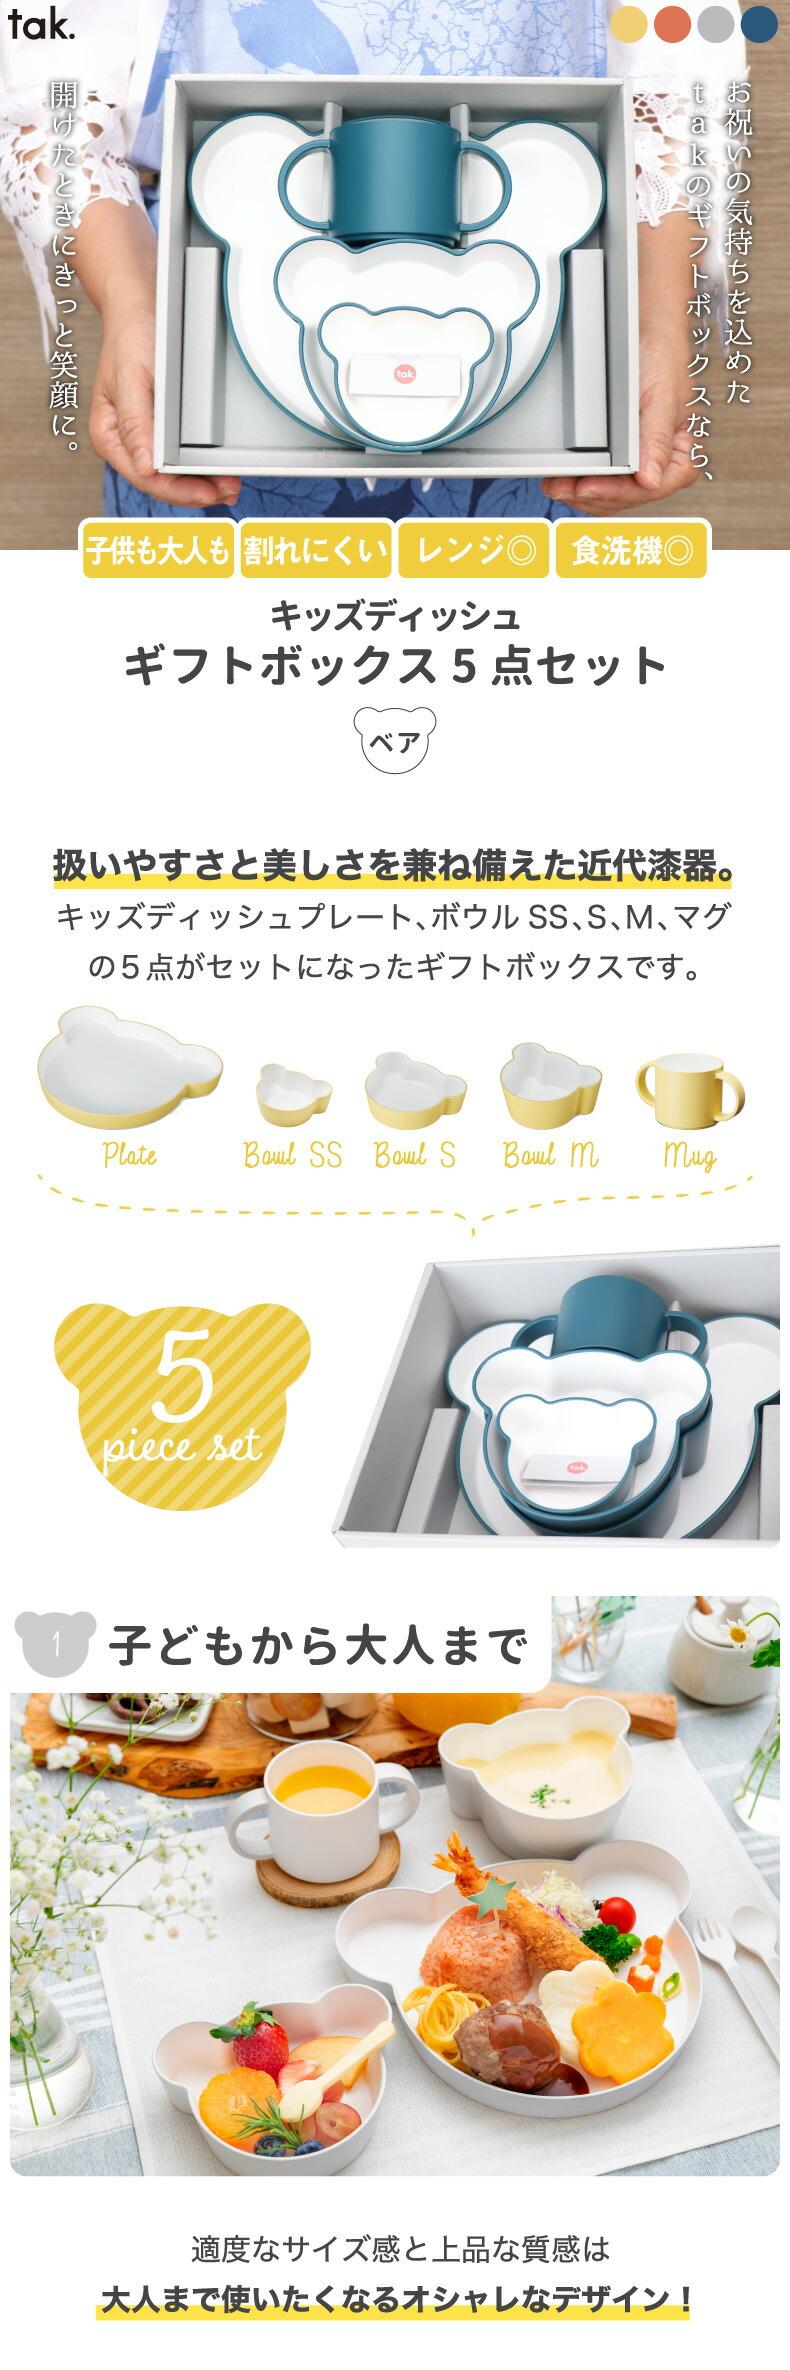 tak キッズディッシュ ギフトボックス ベア 5点セット 子供用食器セット 子供用食器 日本製 離乳食 食器セット お皿